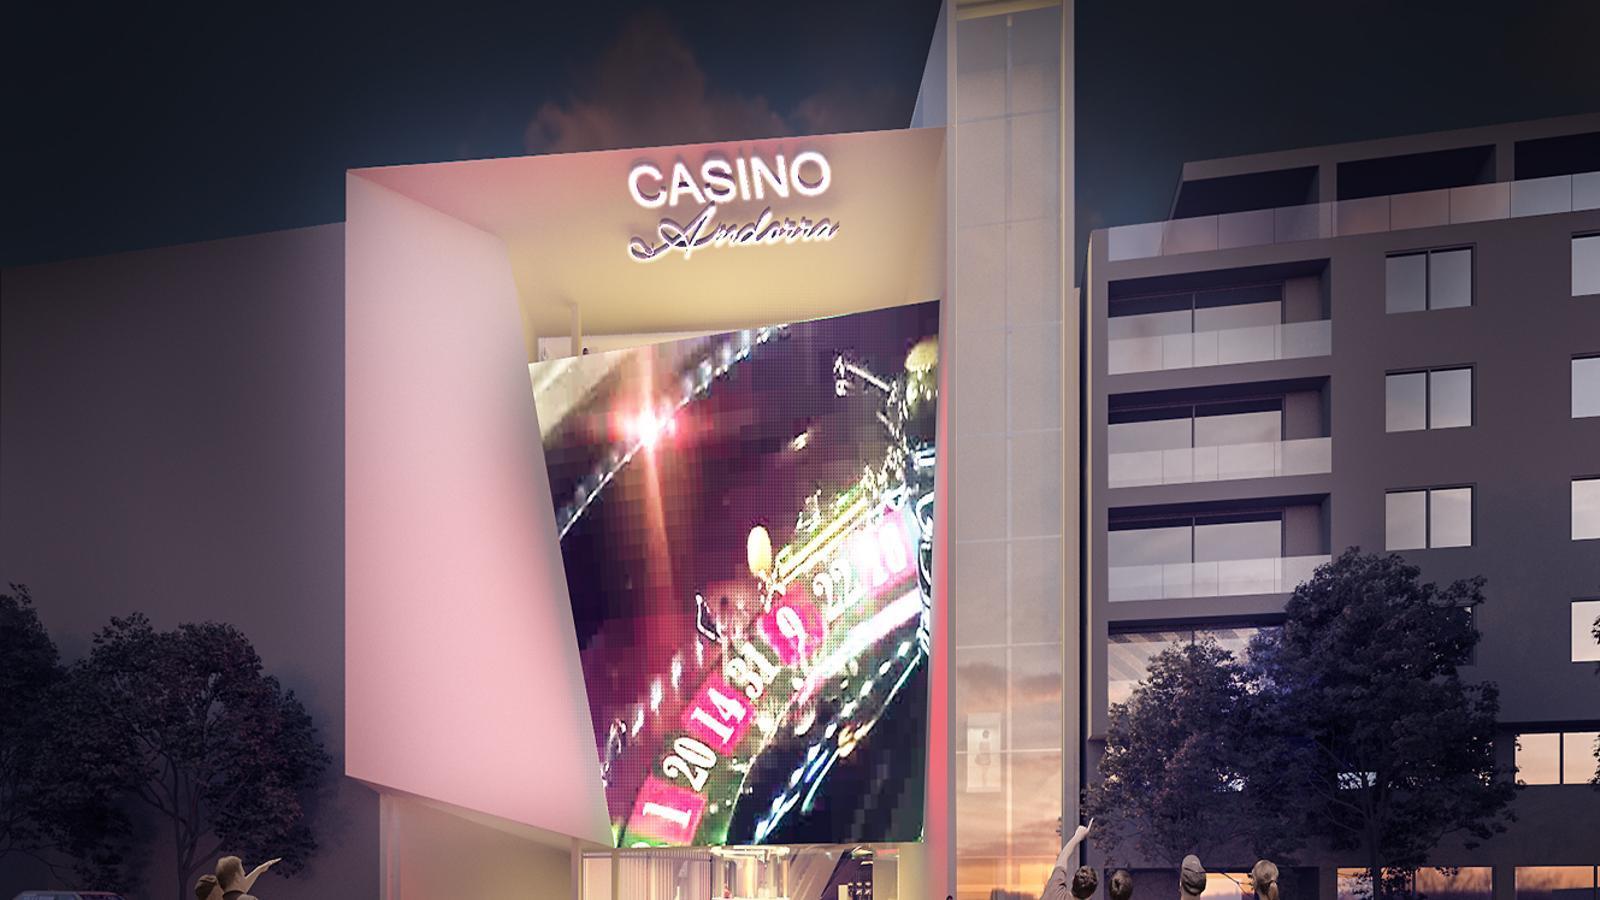 Fotomuntatge de la façana de l'edifici que proposa Jocs per acollir el casino al carrer Prat de la Creu d'Andorra la Vella. / JOCS